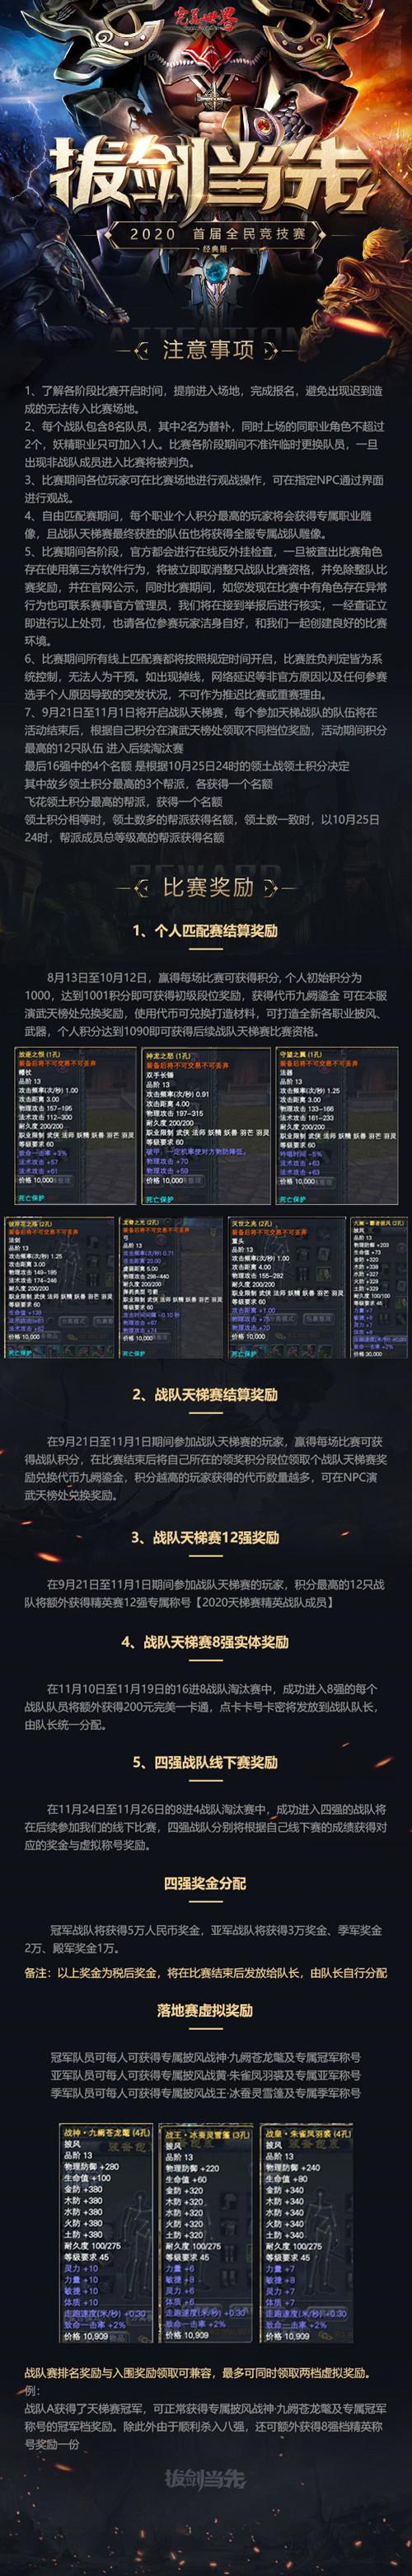 图片: 图6:首届经典服全民竞技赛详解.jpg